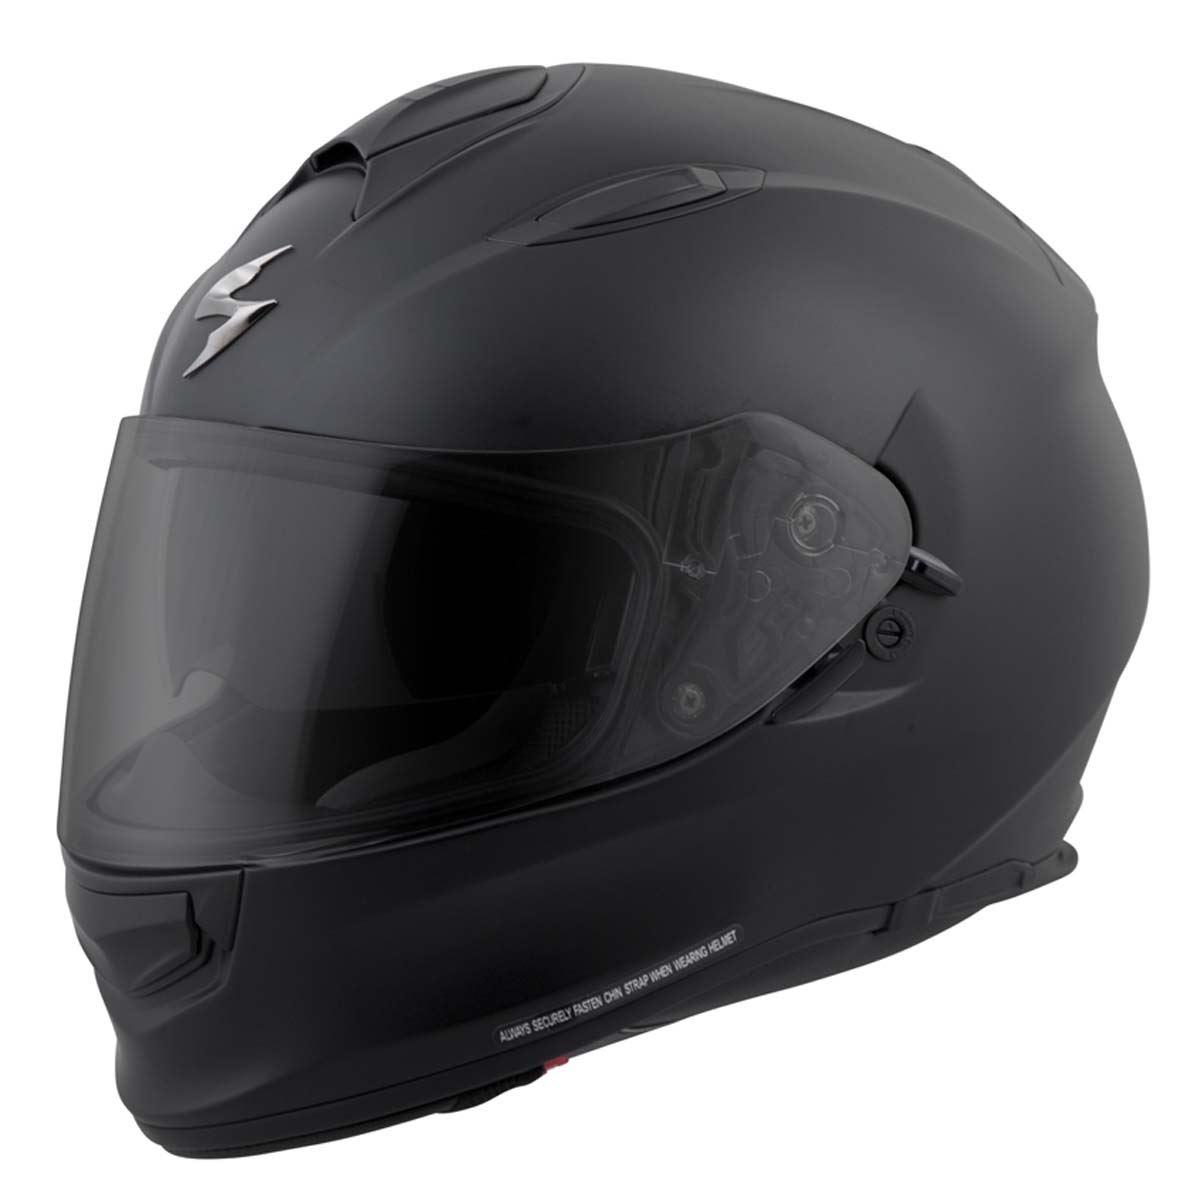 Scorpion-EXO-T510-Helmet-Full-Face-DOT-Approved-Inner-Sun-Shield miniature 5